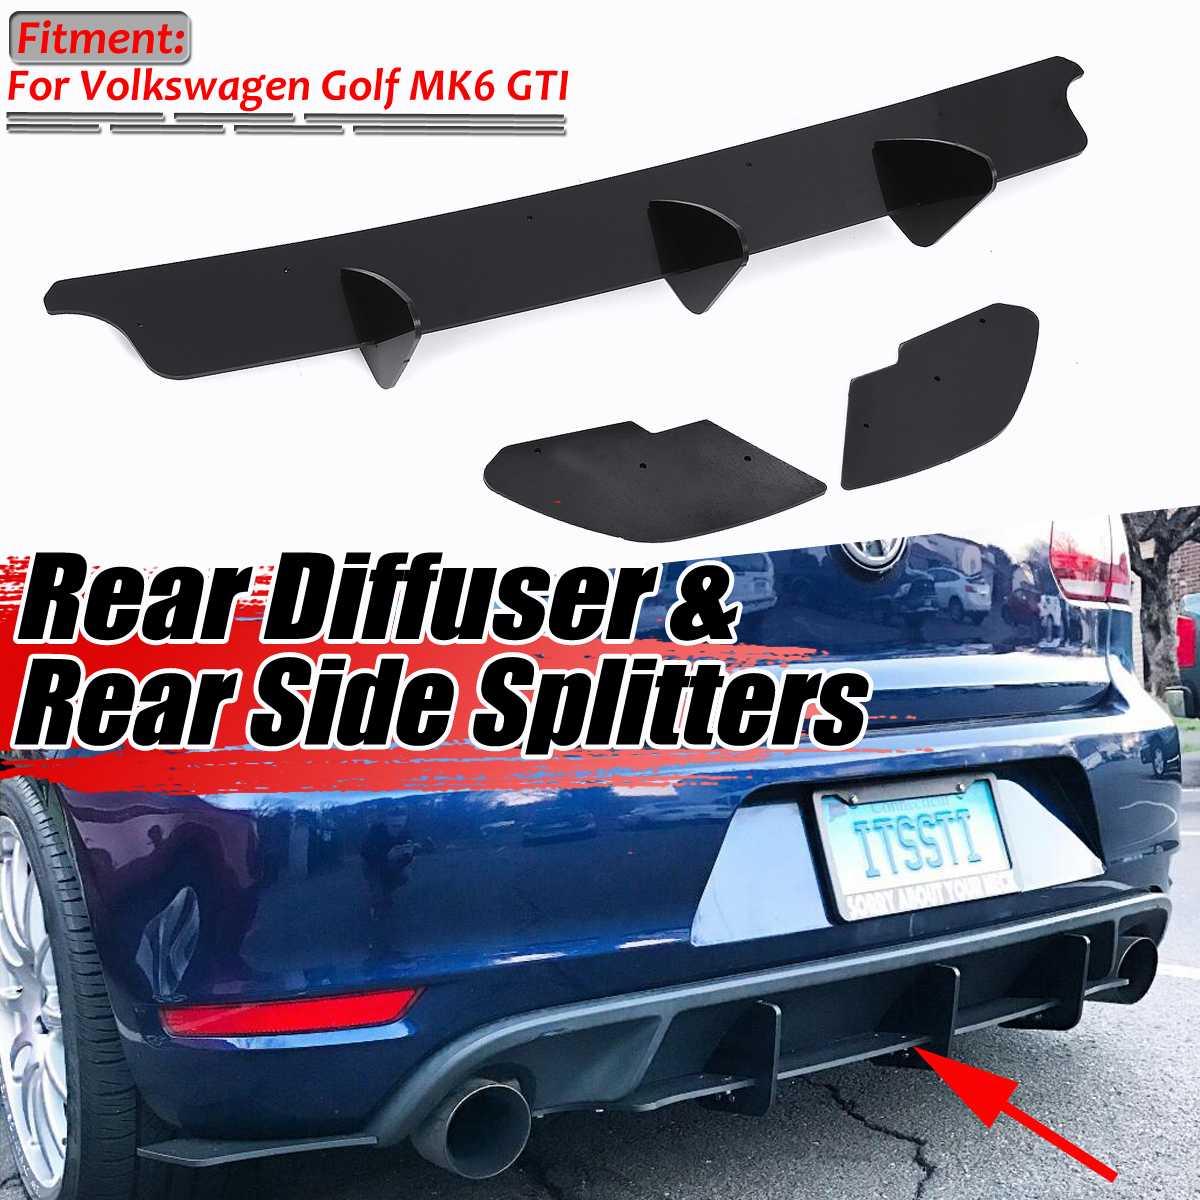 Für GTI Auto Hinten Stoßstange Diffusor & Hinten Seite Splitter Spoiler Schutz Für VW Für Volkswagen Für Golf MK6 GTI /MK7 GTI/MK7.5 GTI